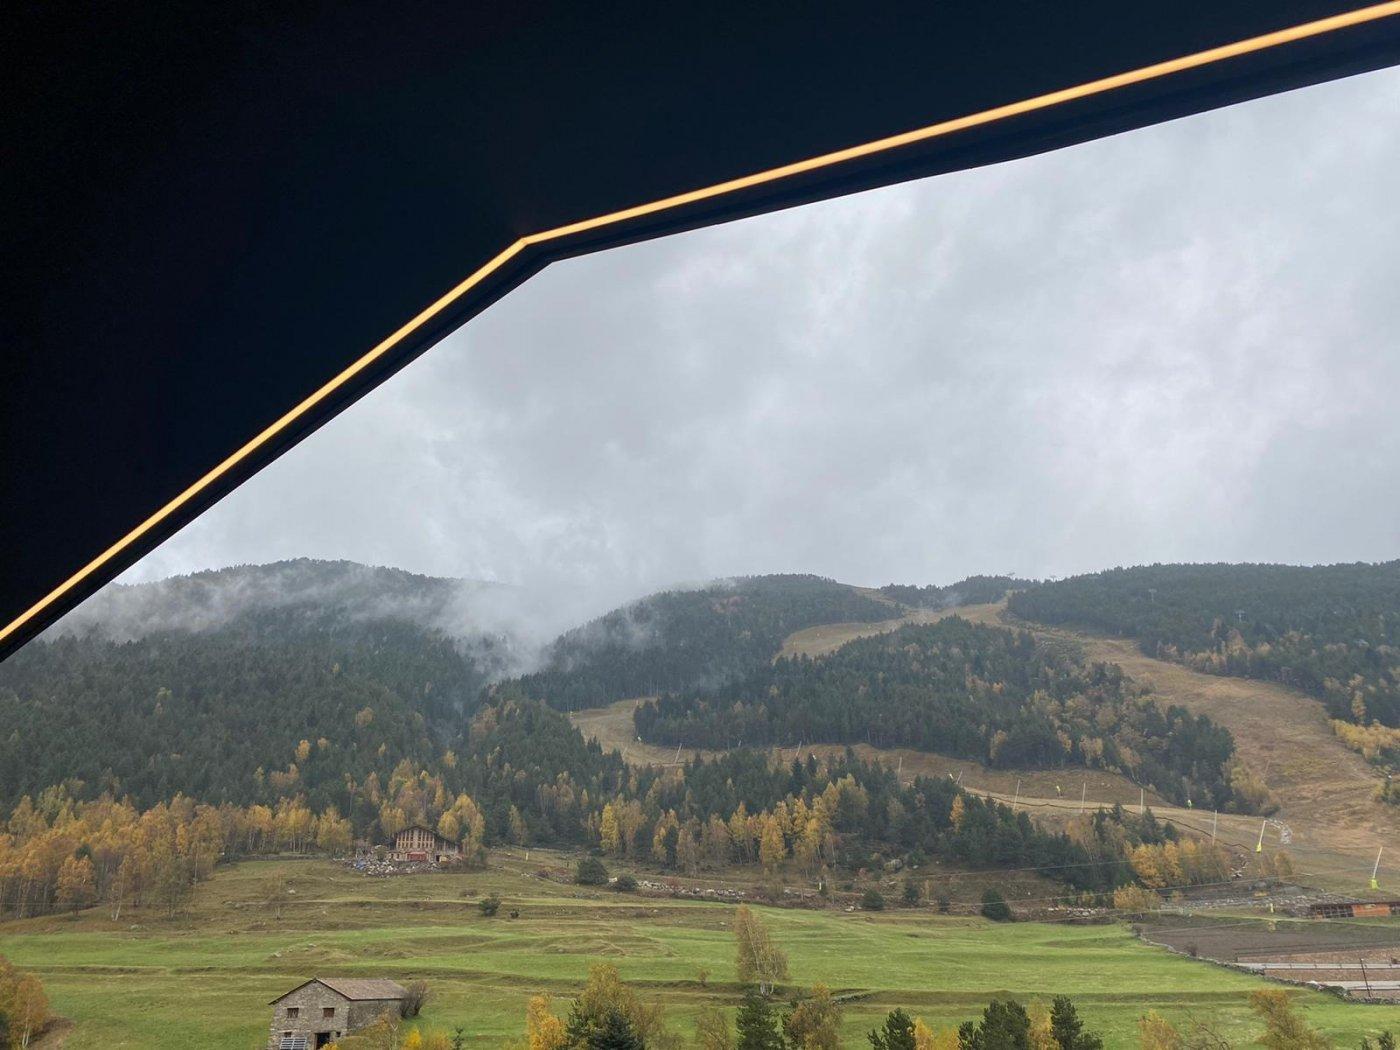 Espectacular pis d'Obra Nova a peu de pistes d'esquí